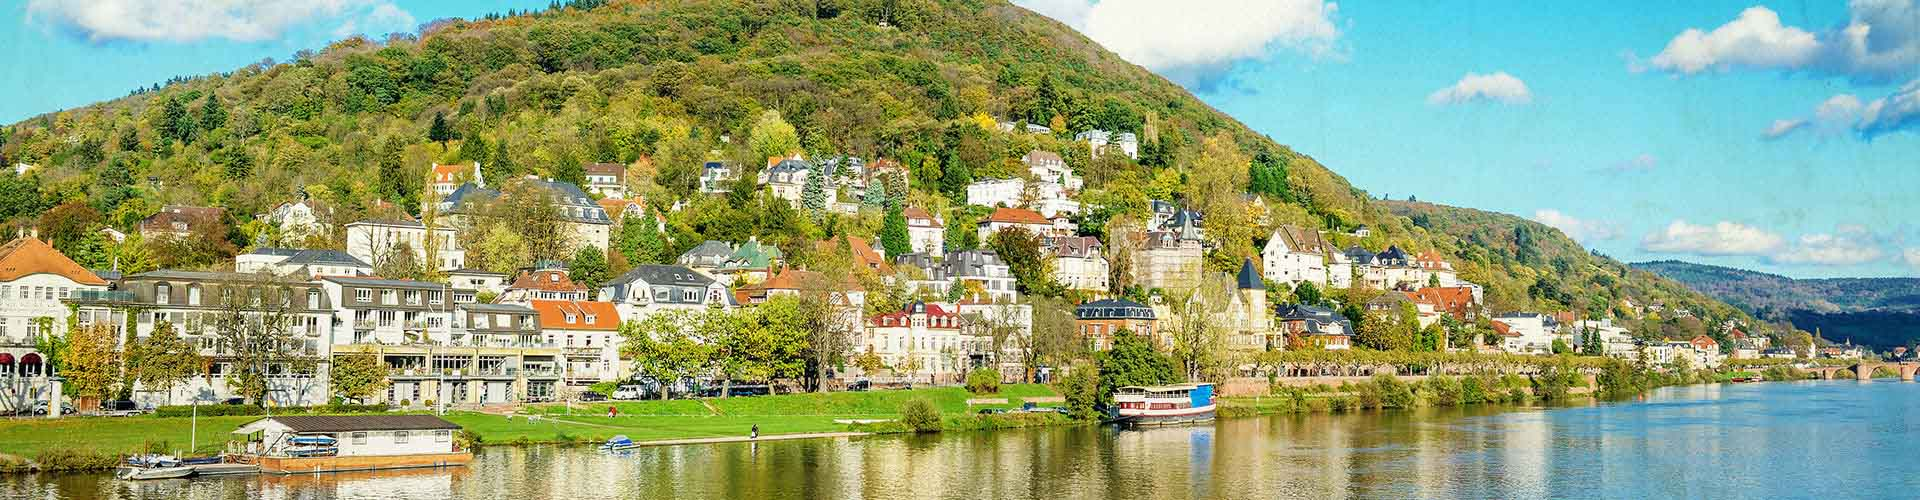 Heidelberg - Hoteles baratos en Heidelberg. Mapas de Heidelberg, Fotos y comentarios de cada Hotel en Heidelberg.